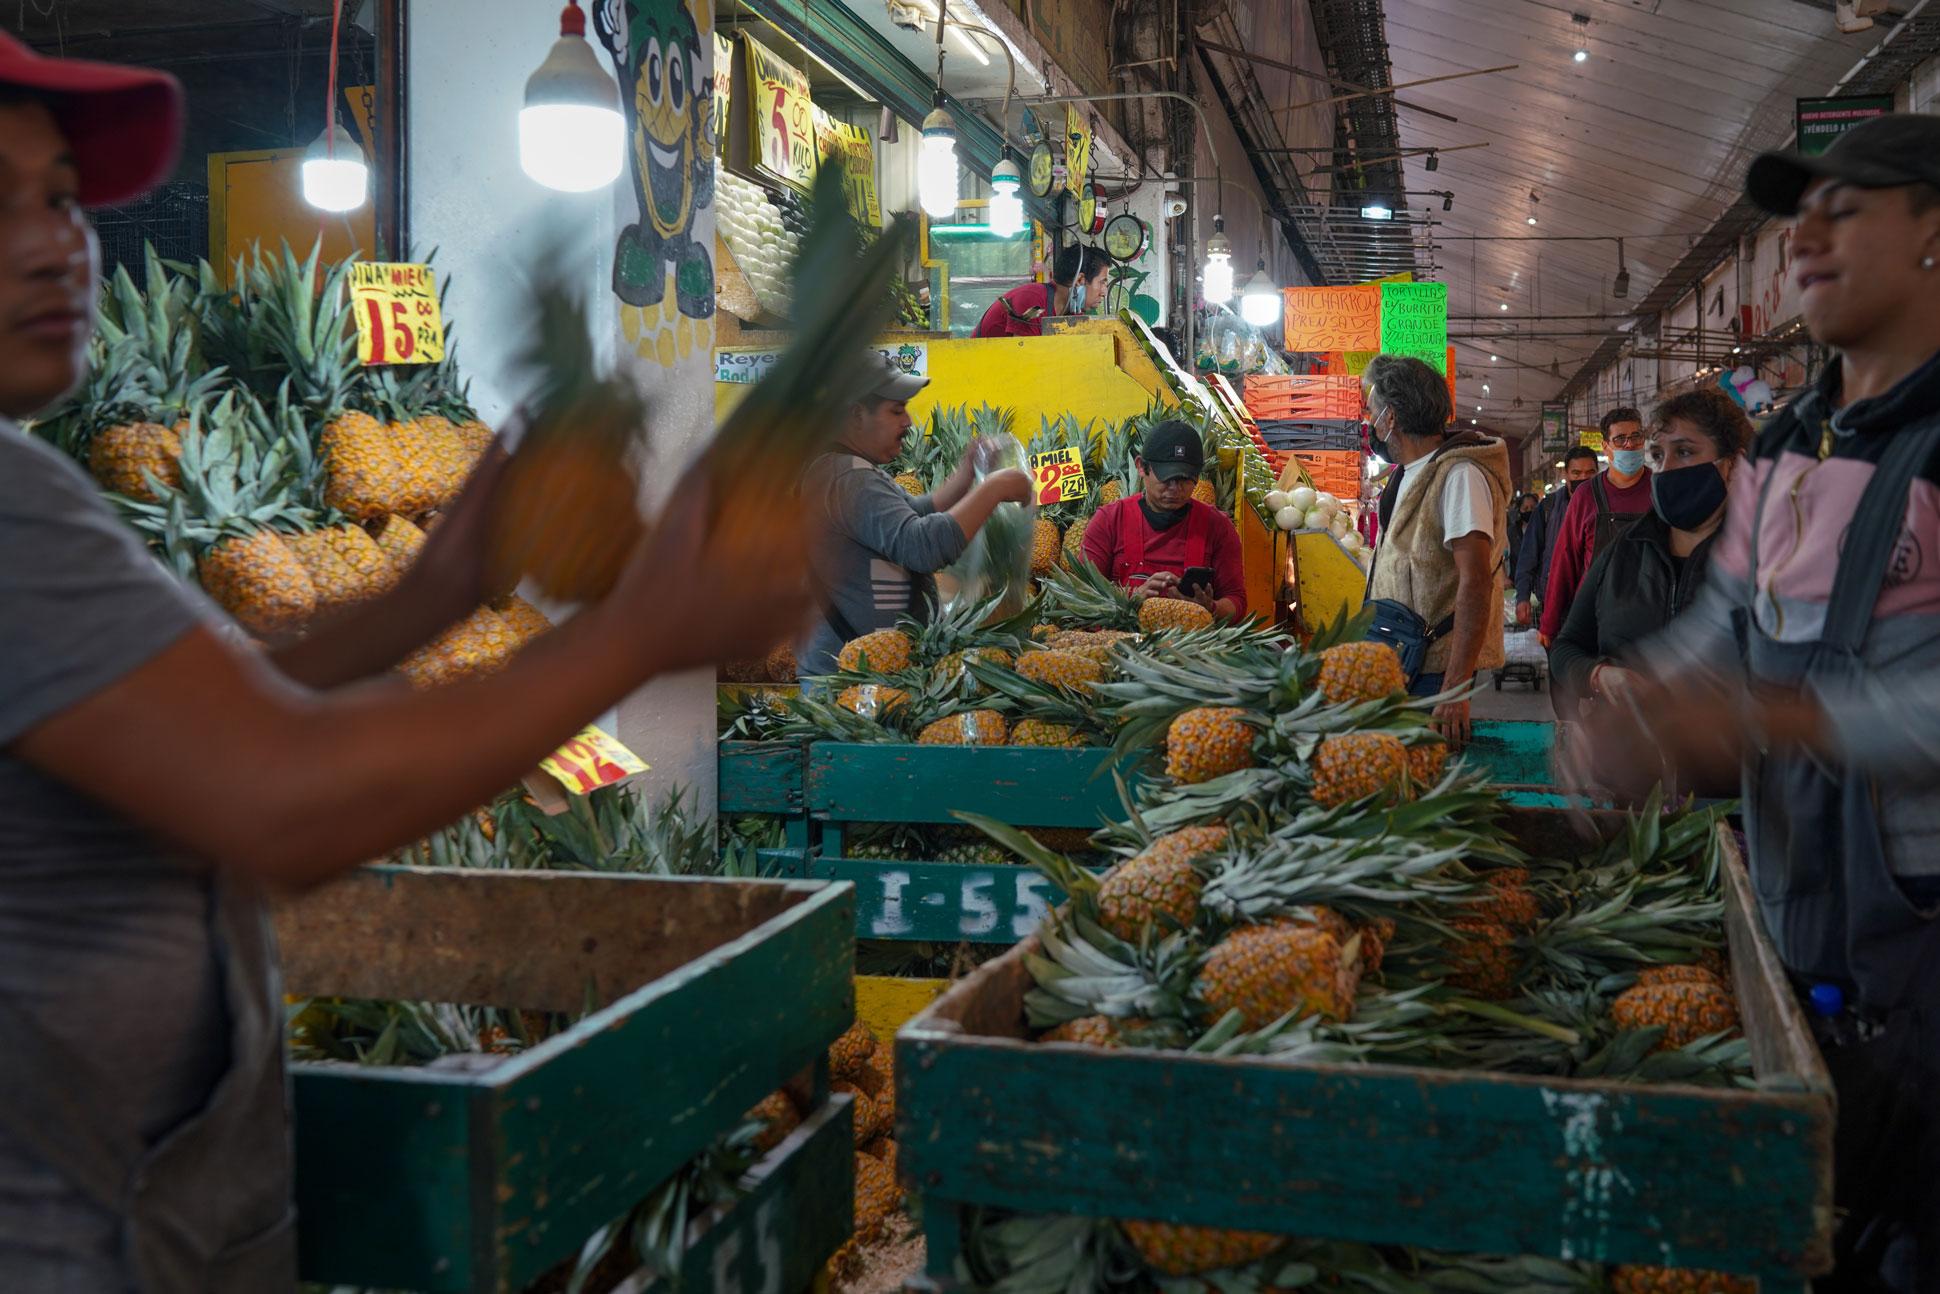 central-de-abastos-el-agujero-negro-de-los-desperdicio-de-alimentos-en-ciudad-de-mexico 8